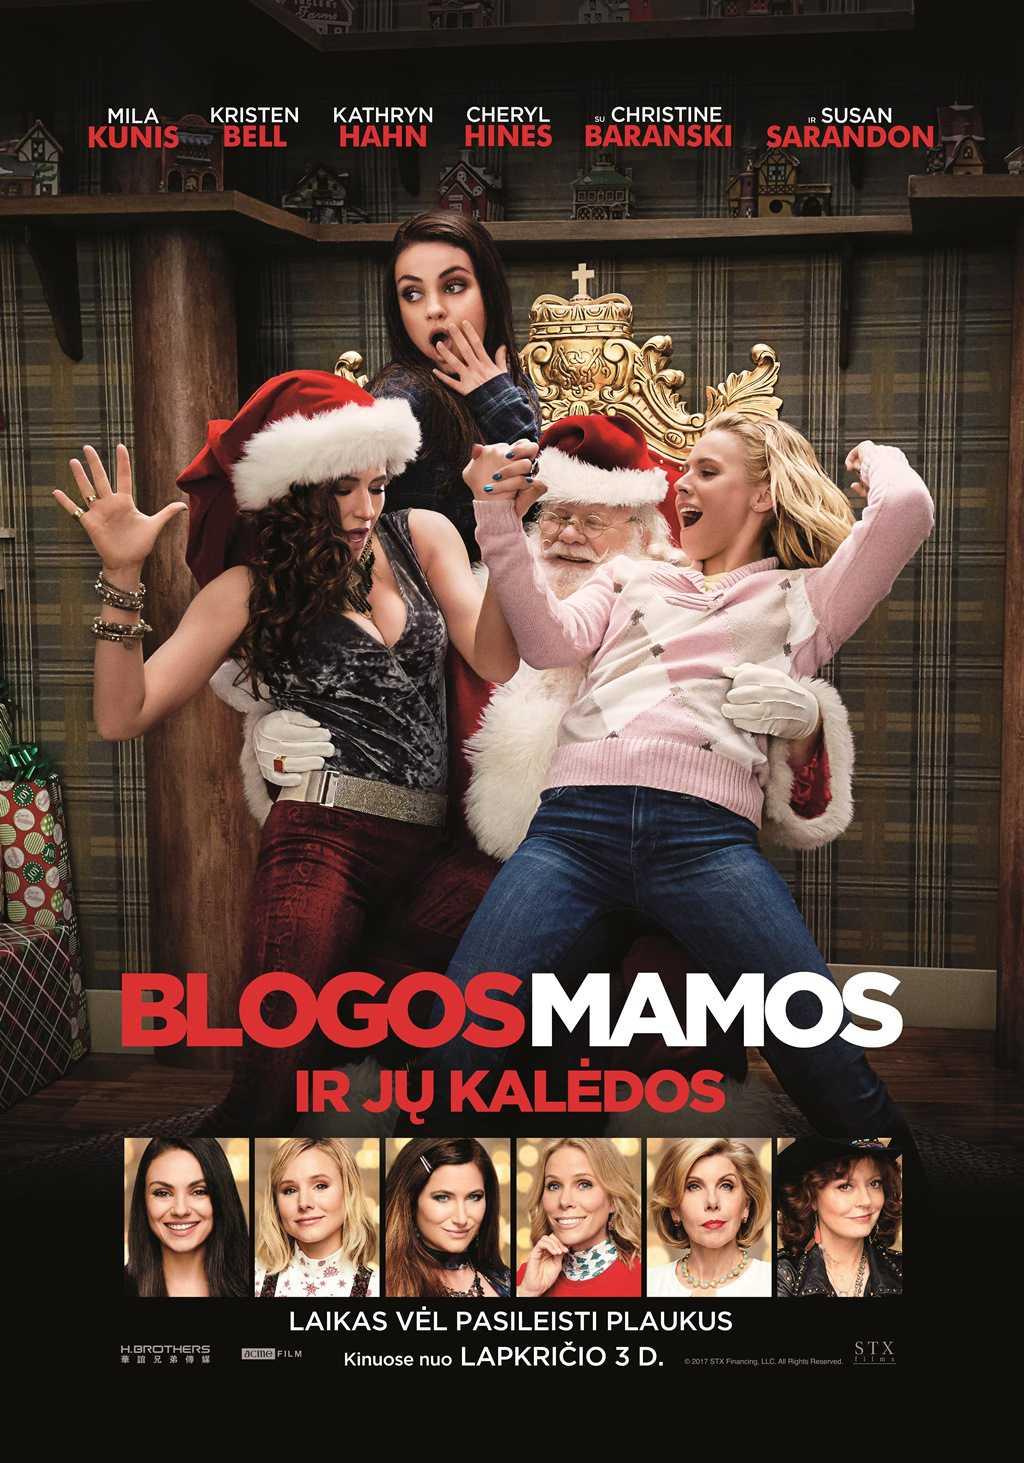 Blogos mamos ir jų kalėdos (Bad Moms Christmas)